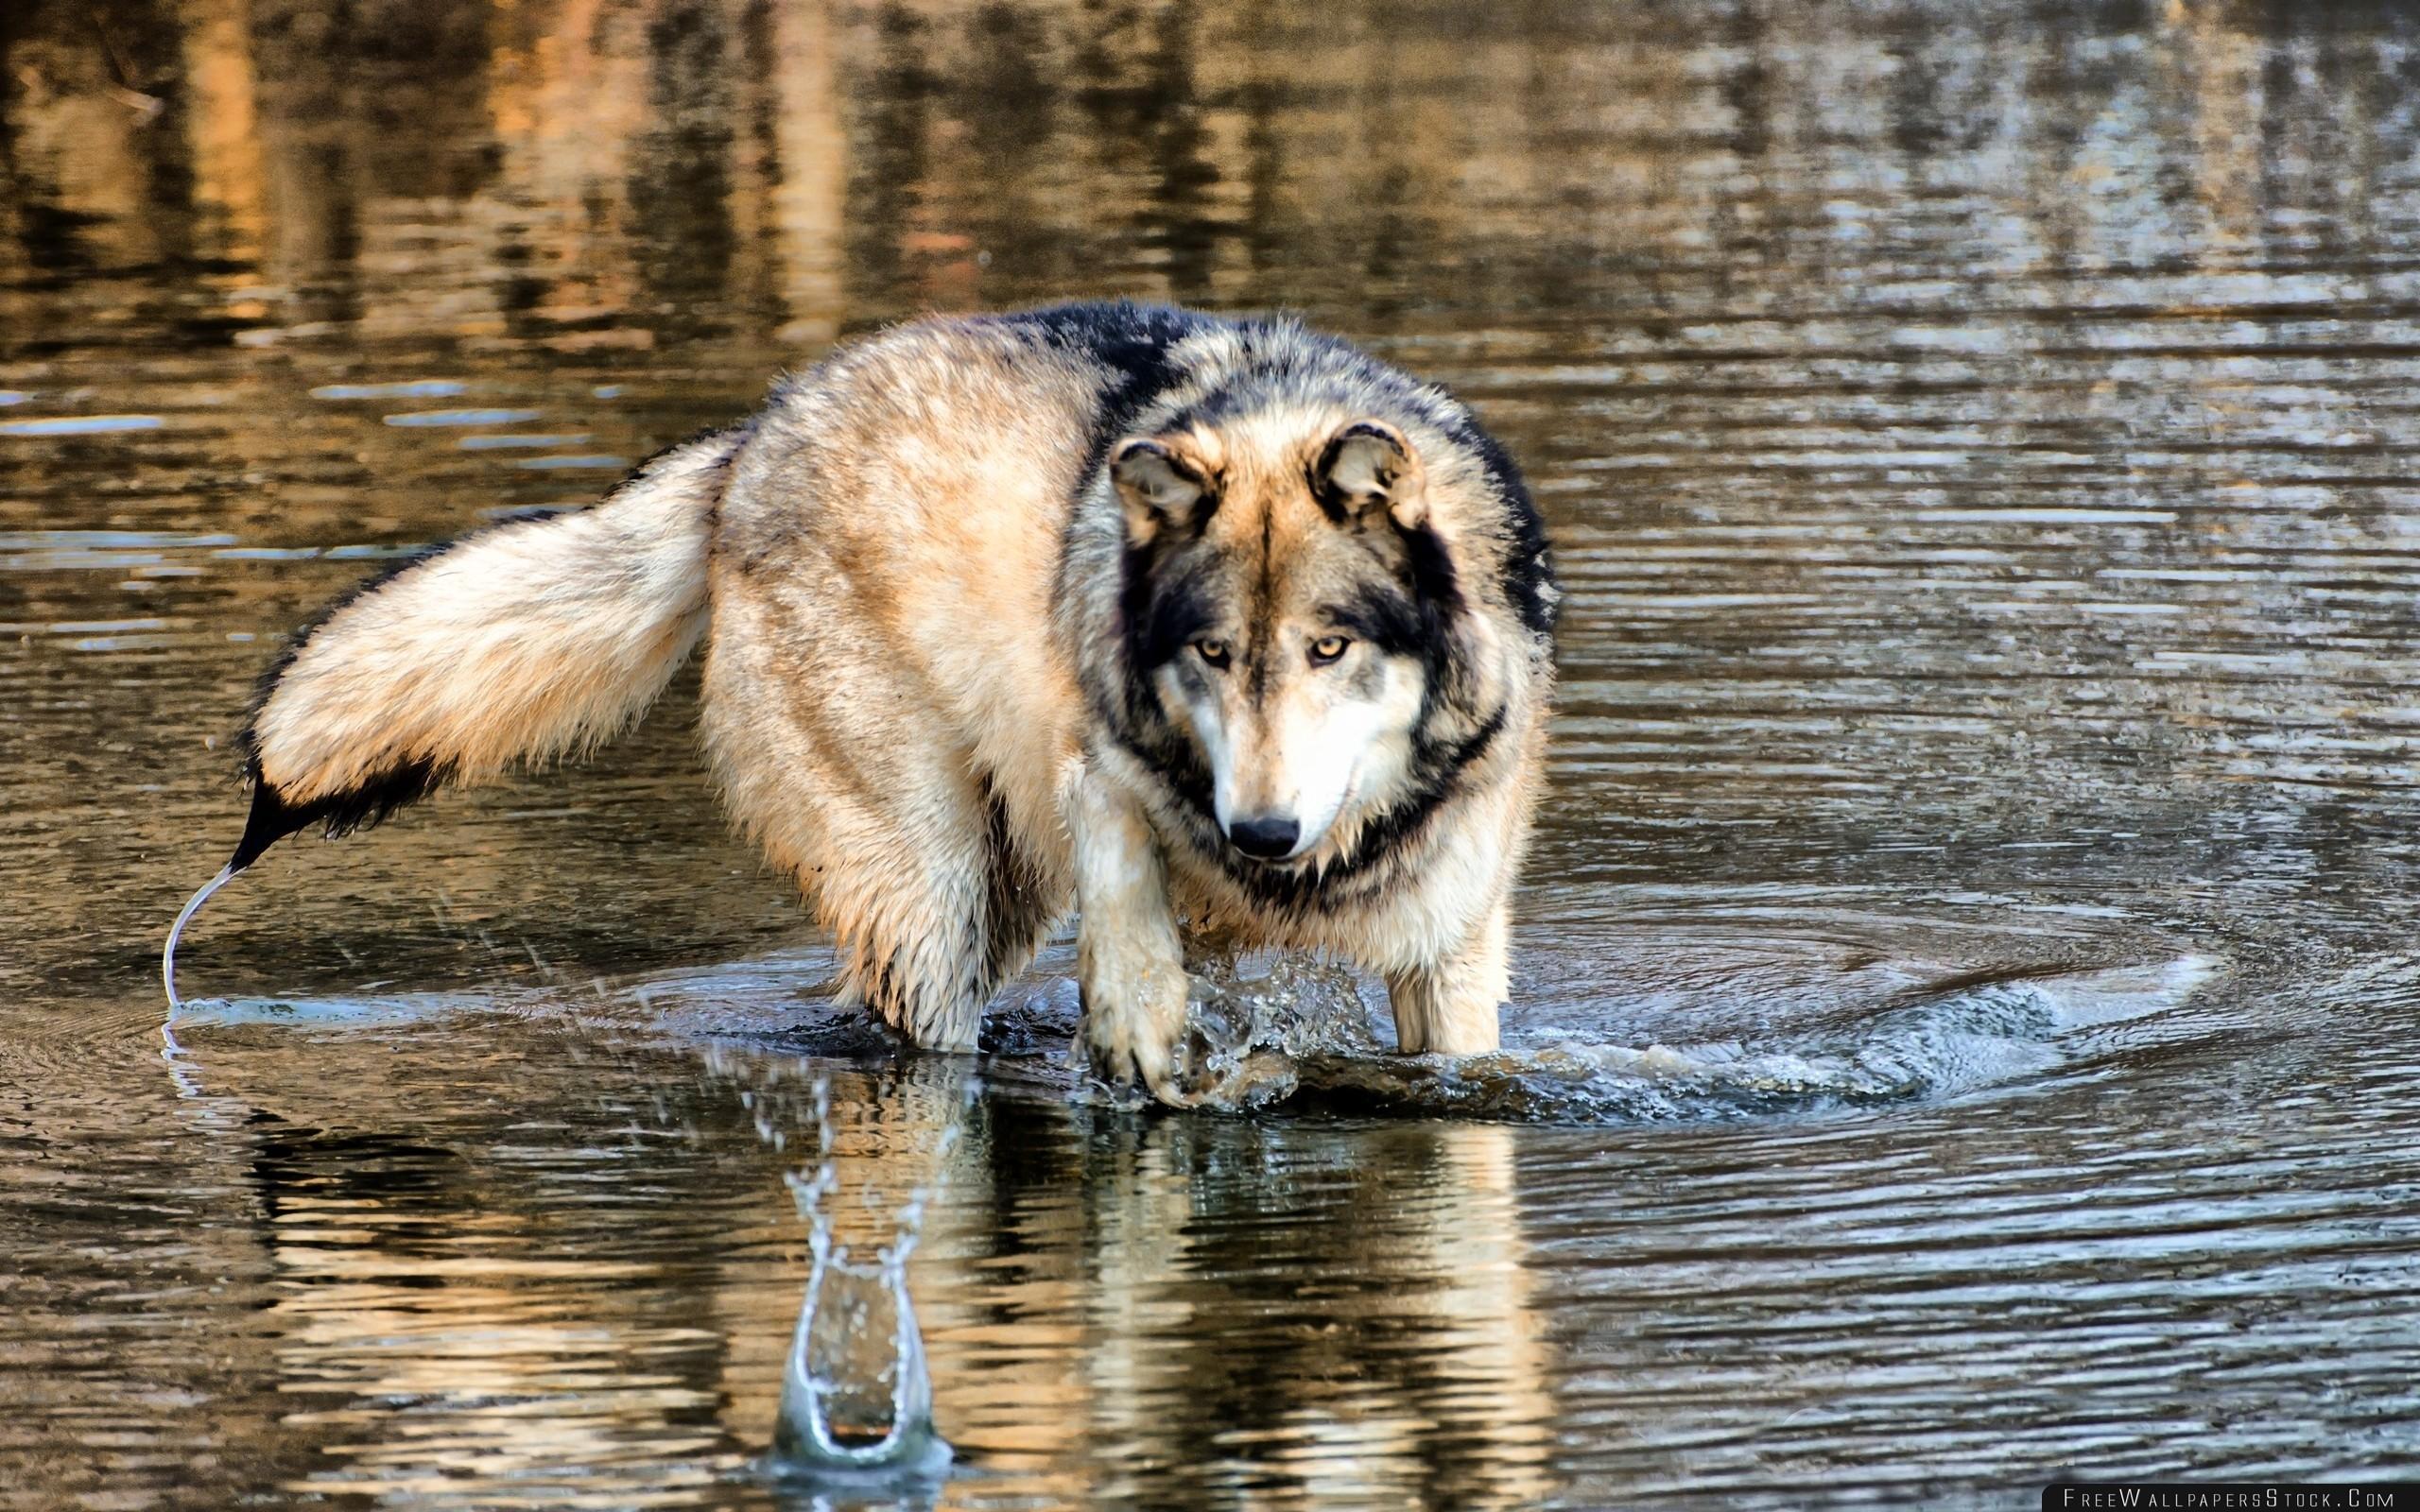 Download Free Wallpaper Wolf Water Walking Hunting Predator